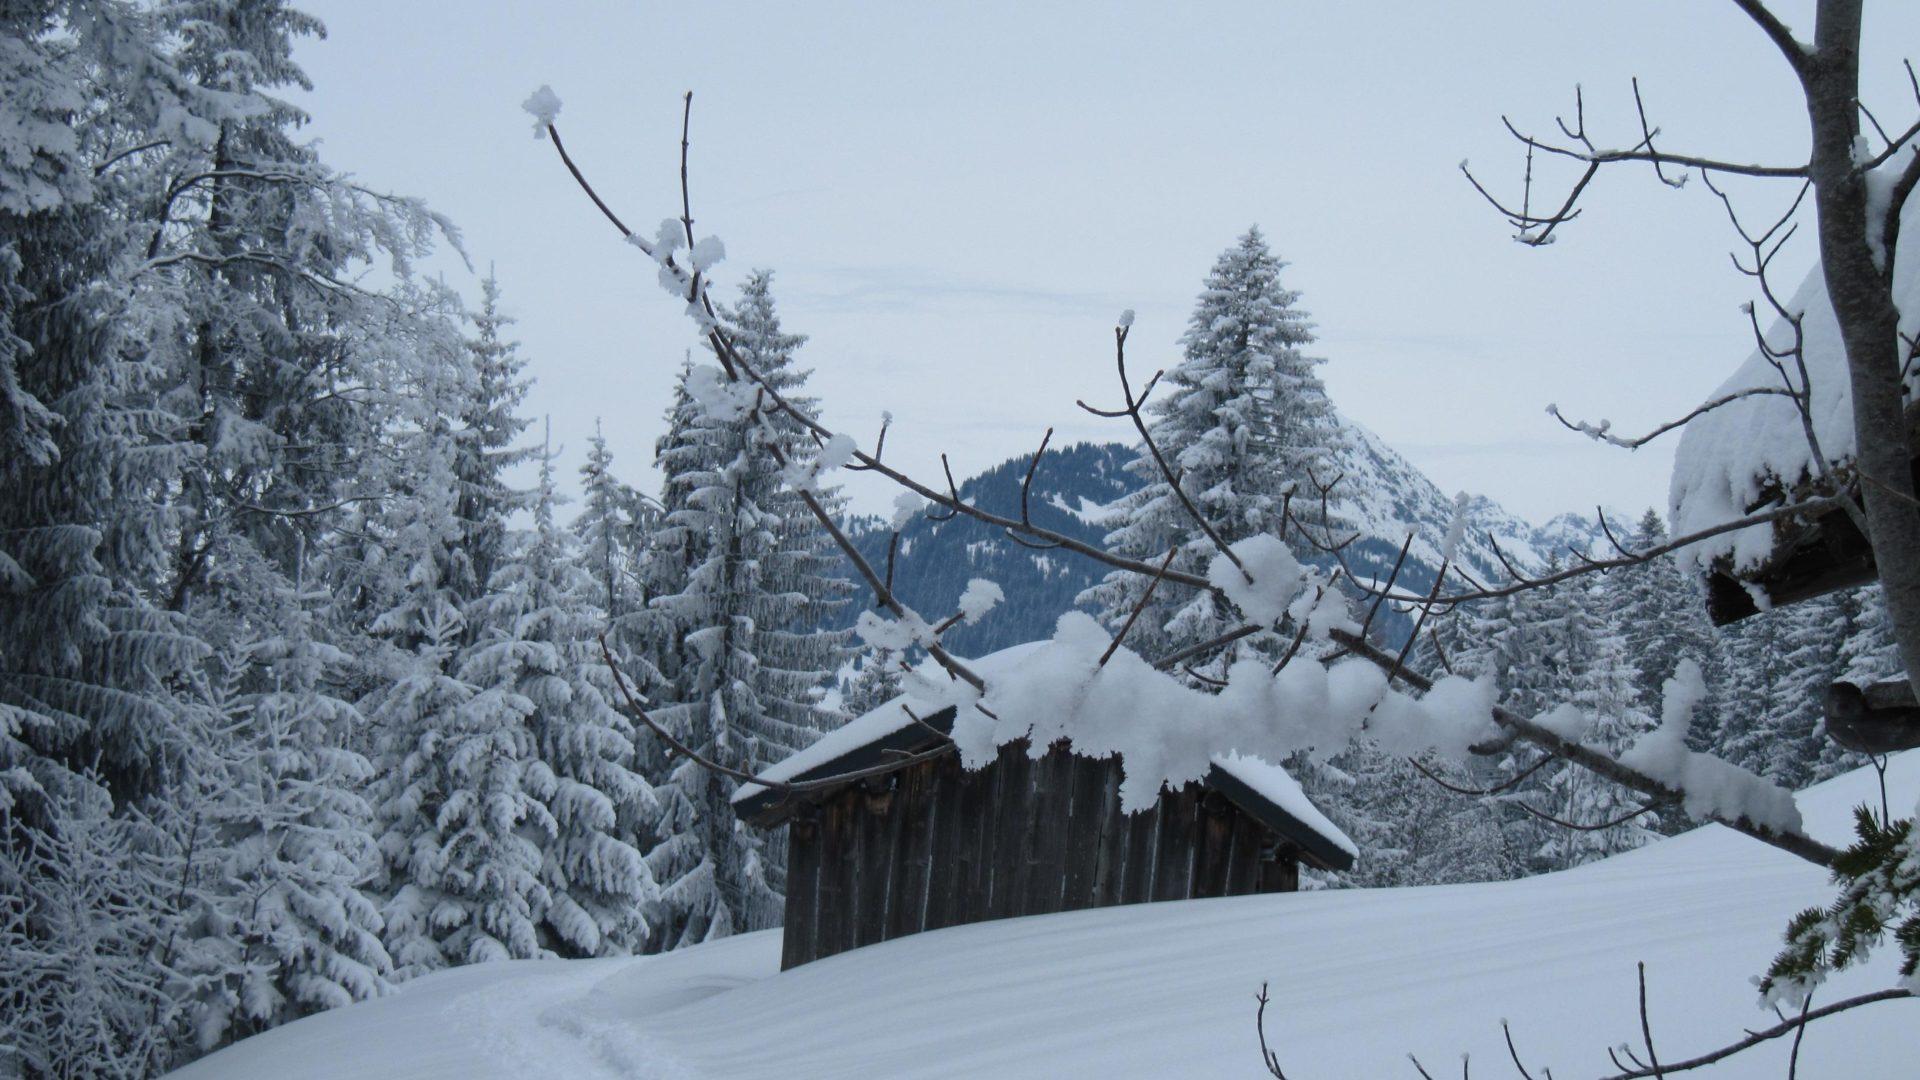 Winterwanderung am Wieseweg